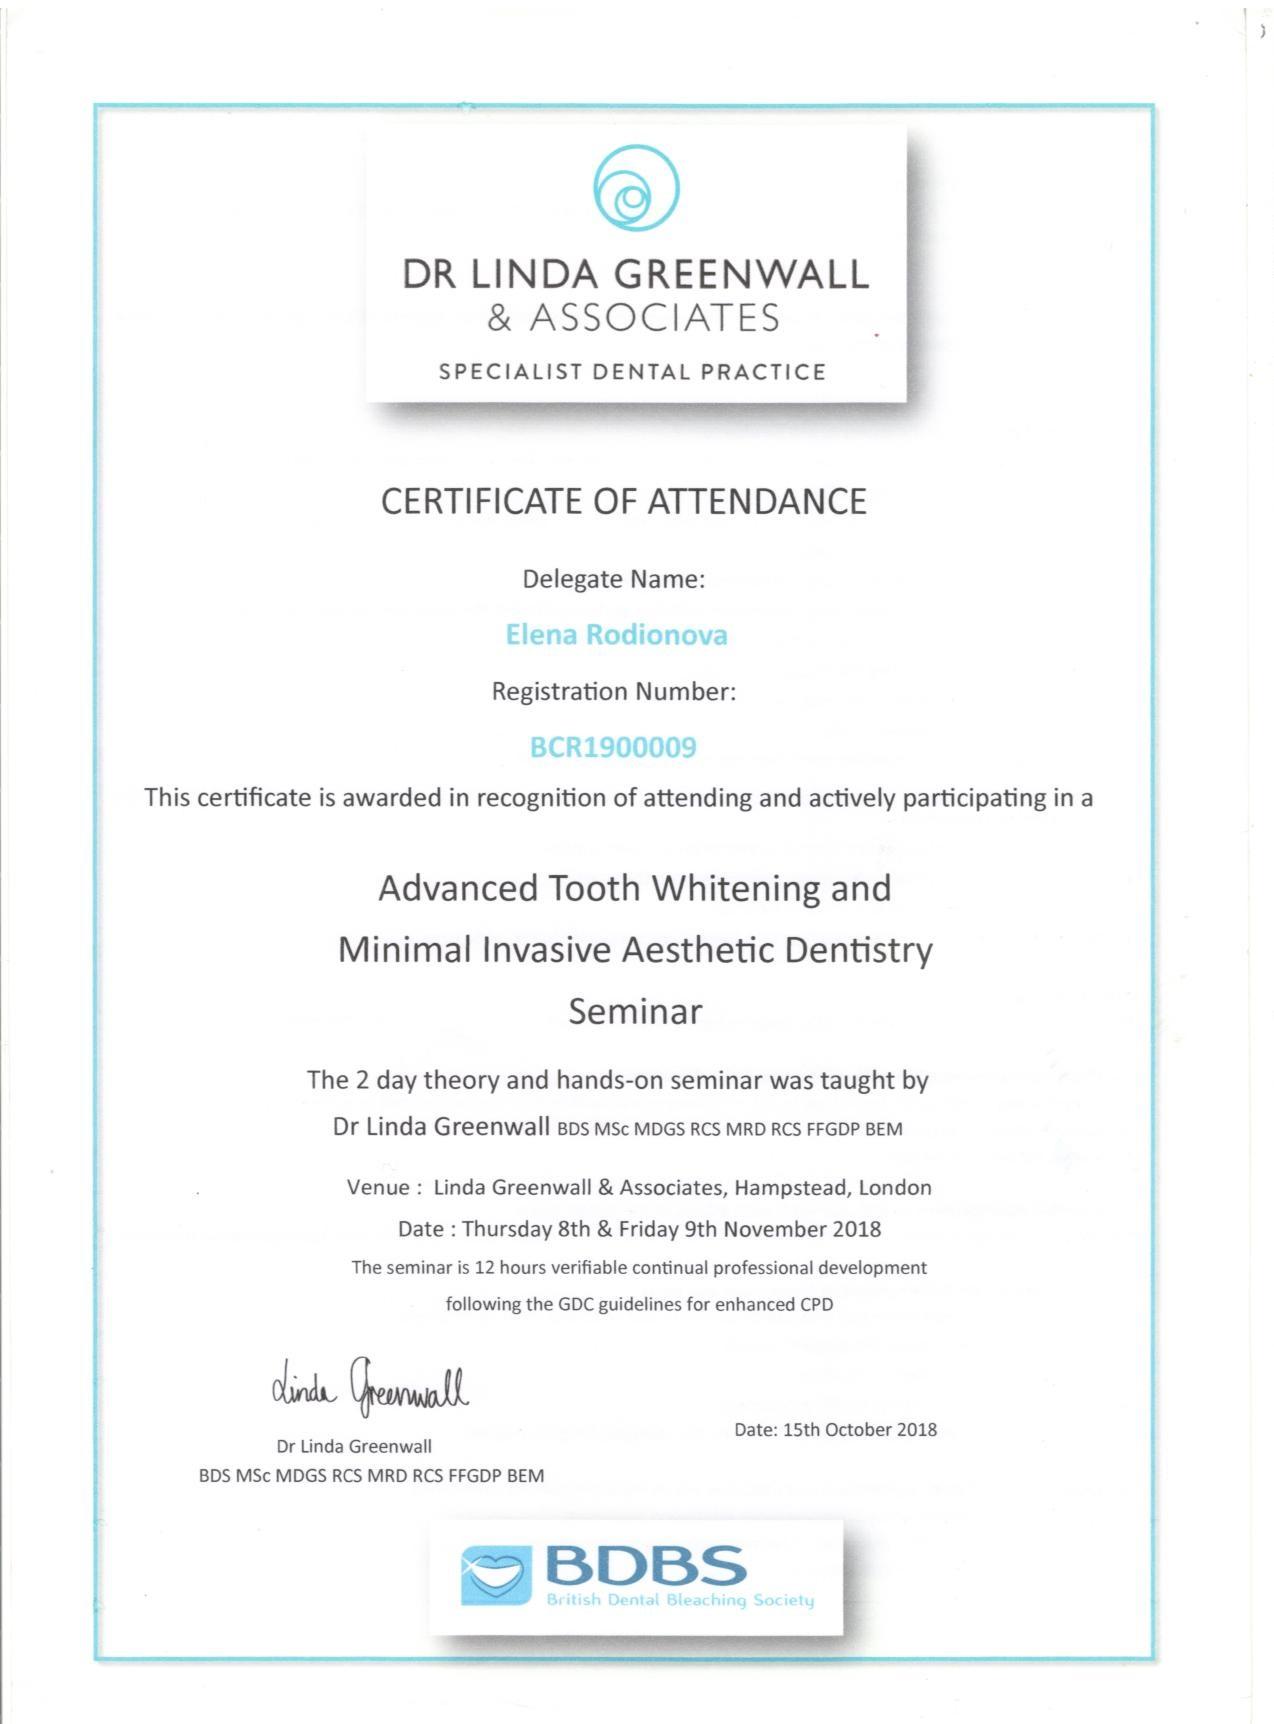 сертификат стоматолога Родионова октябрь 2018